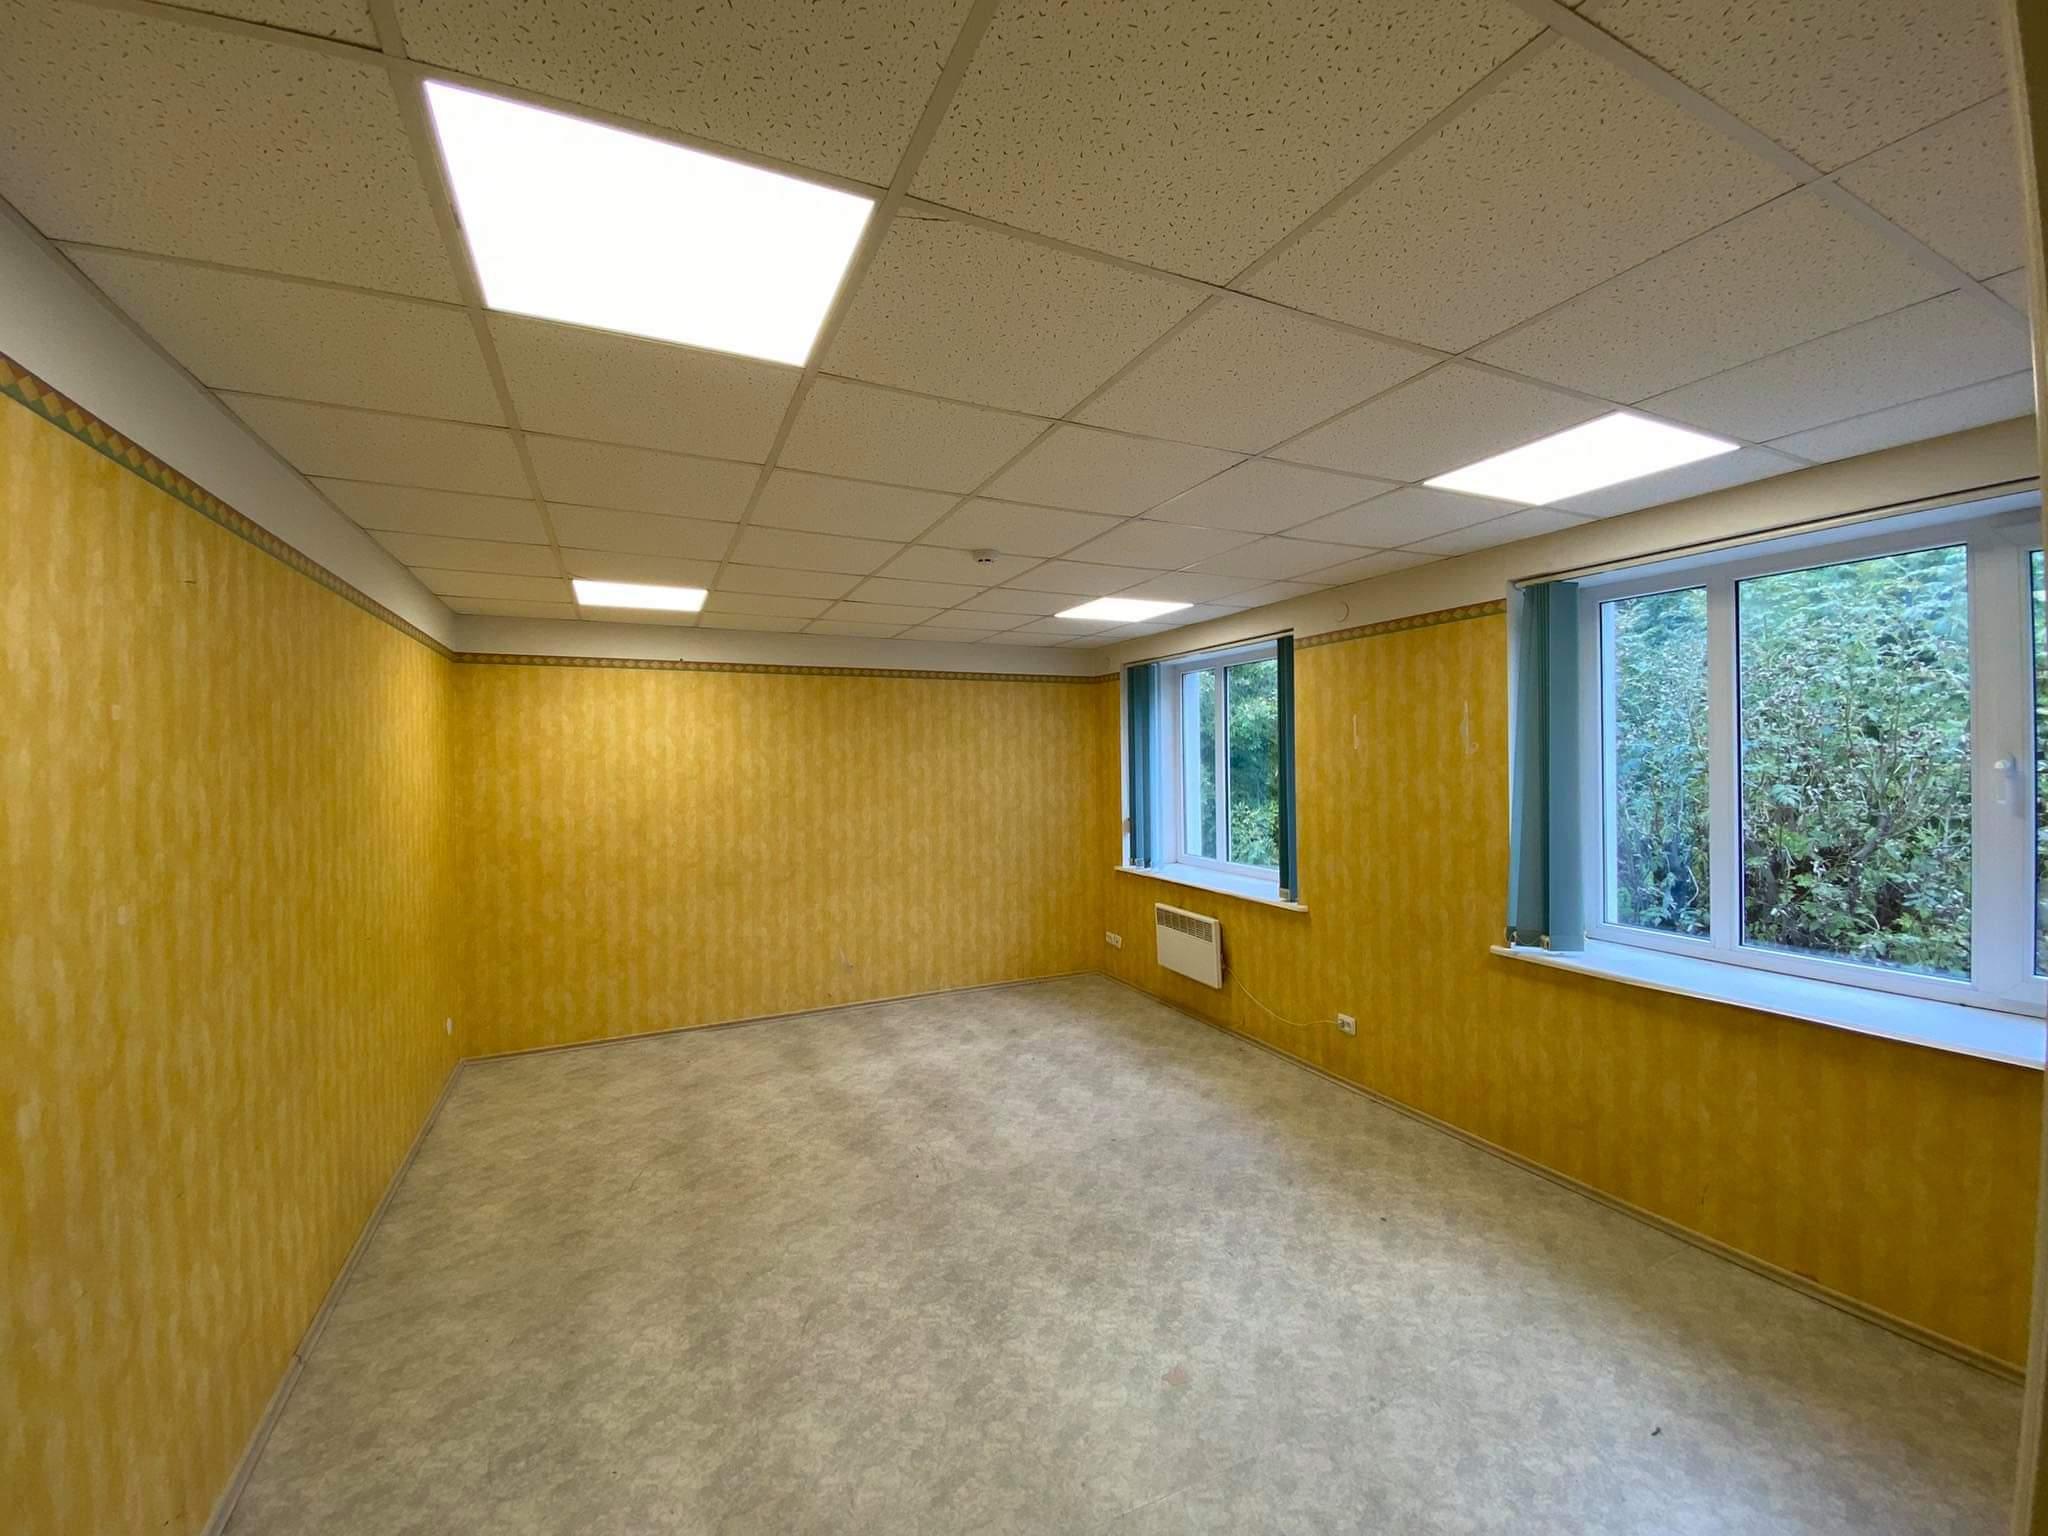 13 Vabaduse puiestee, Kiviõli, 2 Rooms Rooms,kontor,rent,Vabaduse ärimaja,Vabaduse puiestee,2,1002